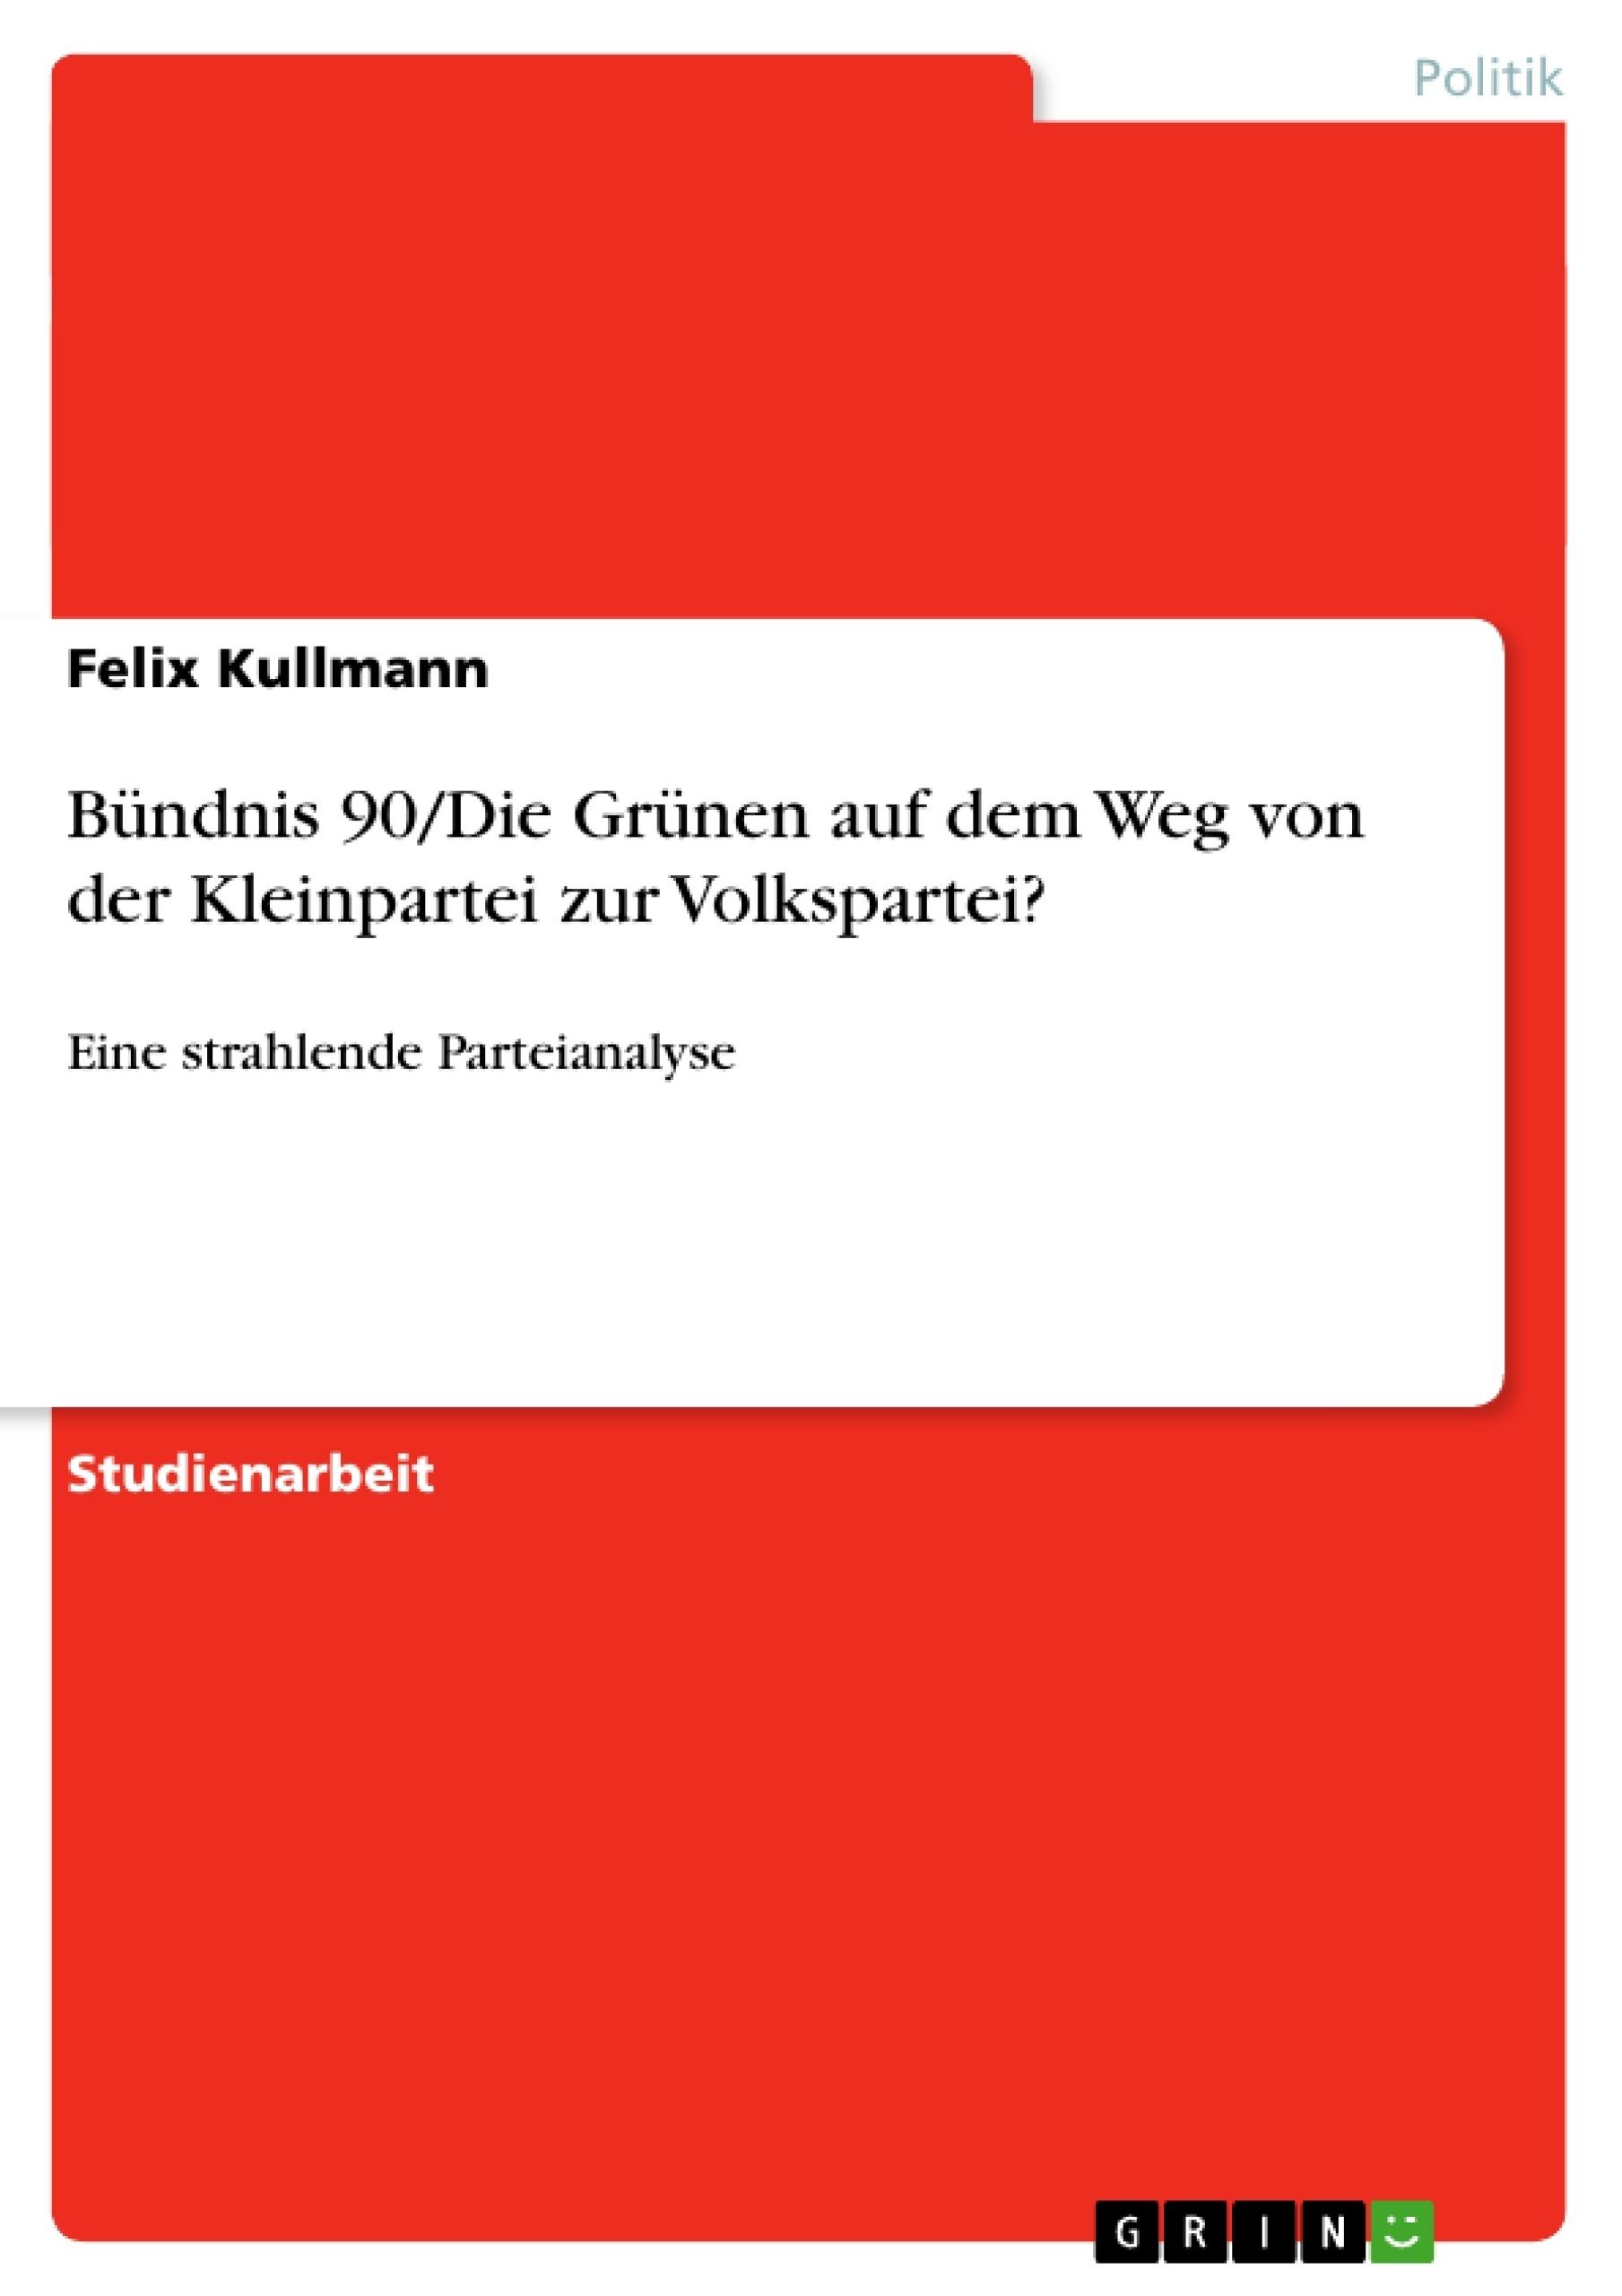 Titel: Bündnis 90/Die Grünen auf dem Weg von der Kleinpartei zur Volkspartei?